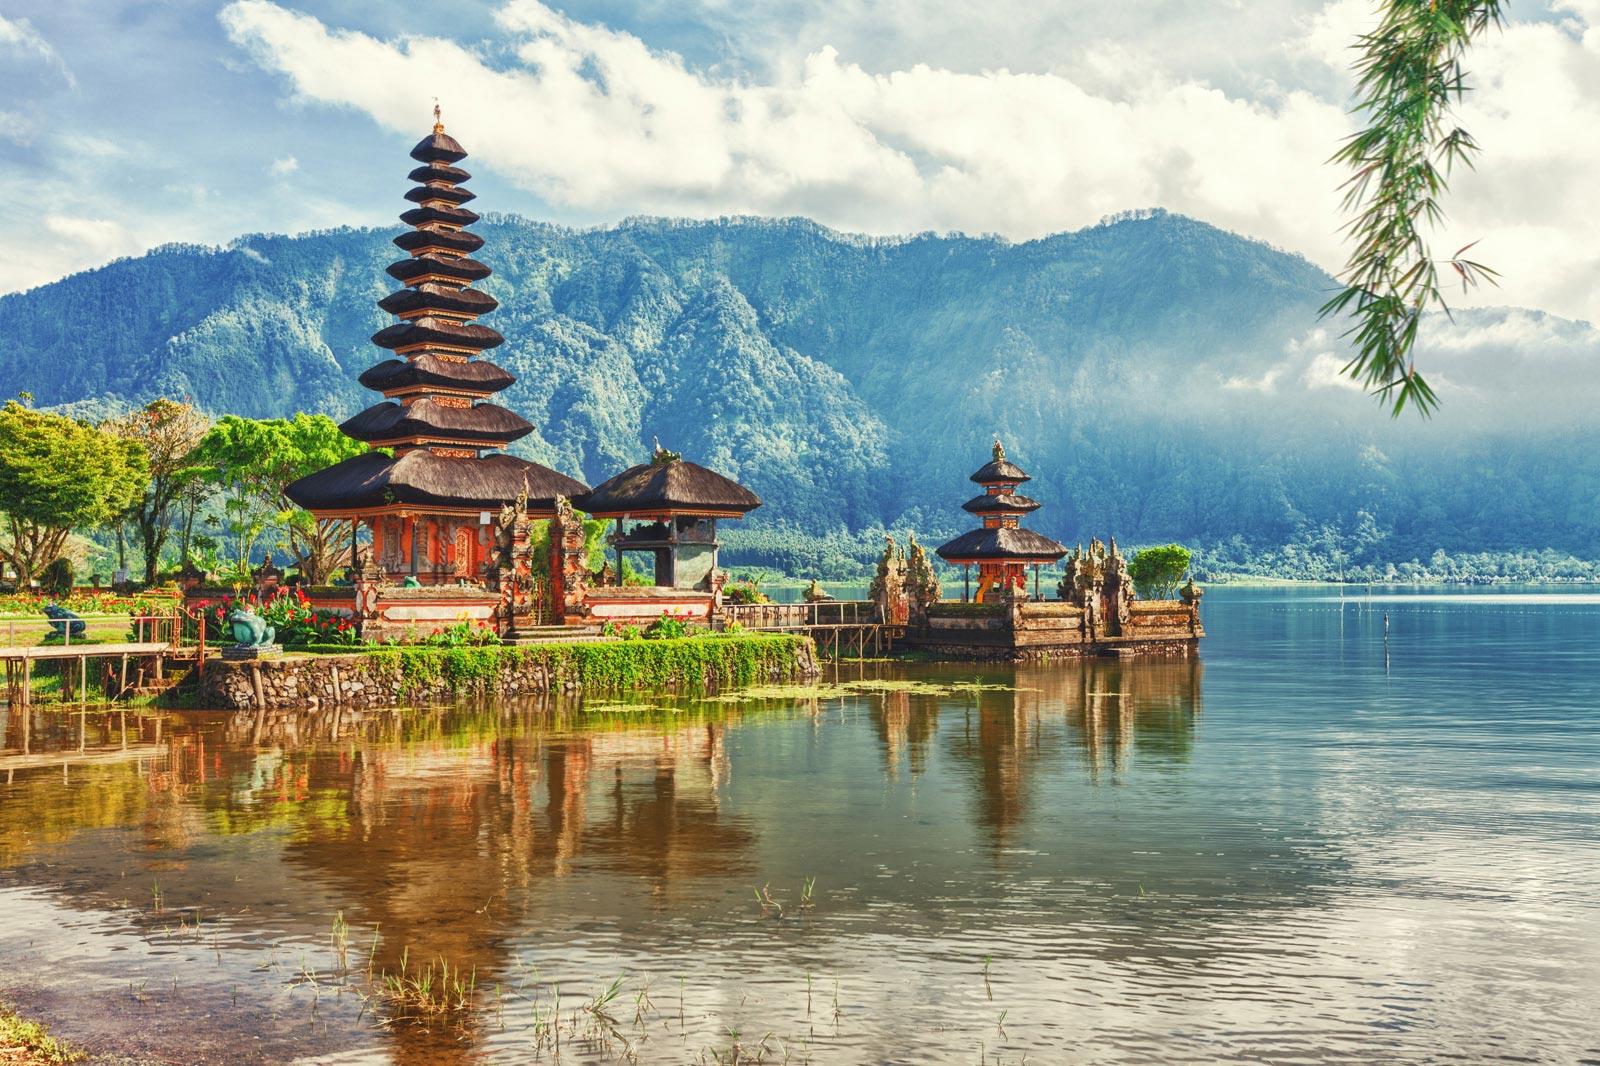 Paysage de Bali - Temple